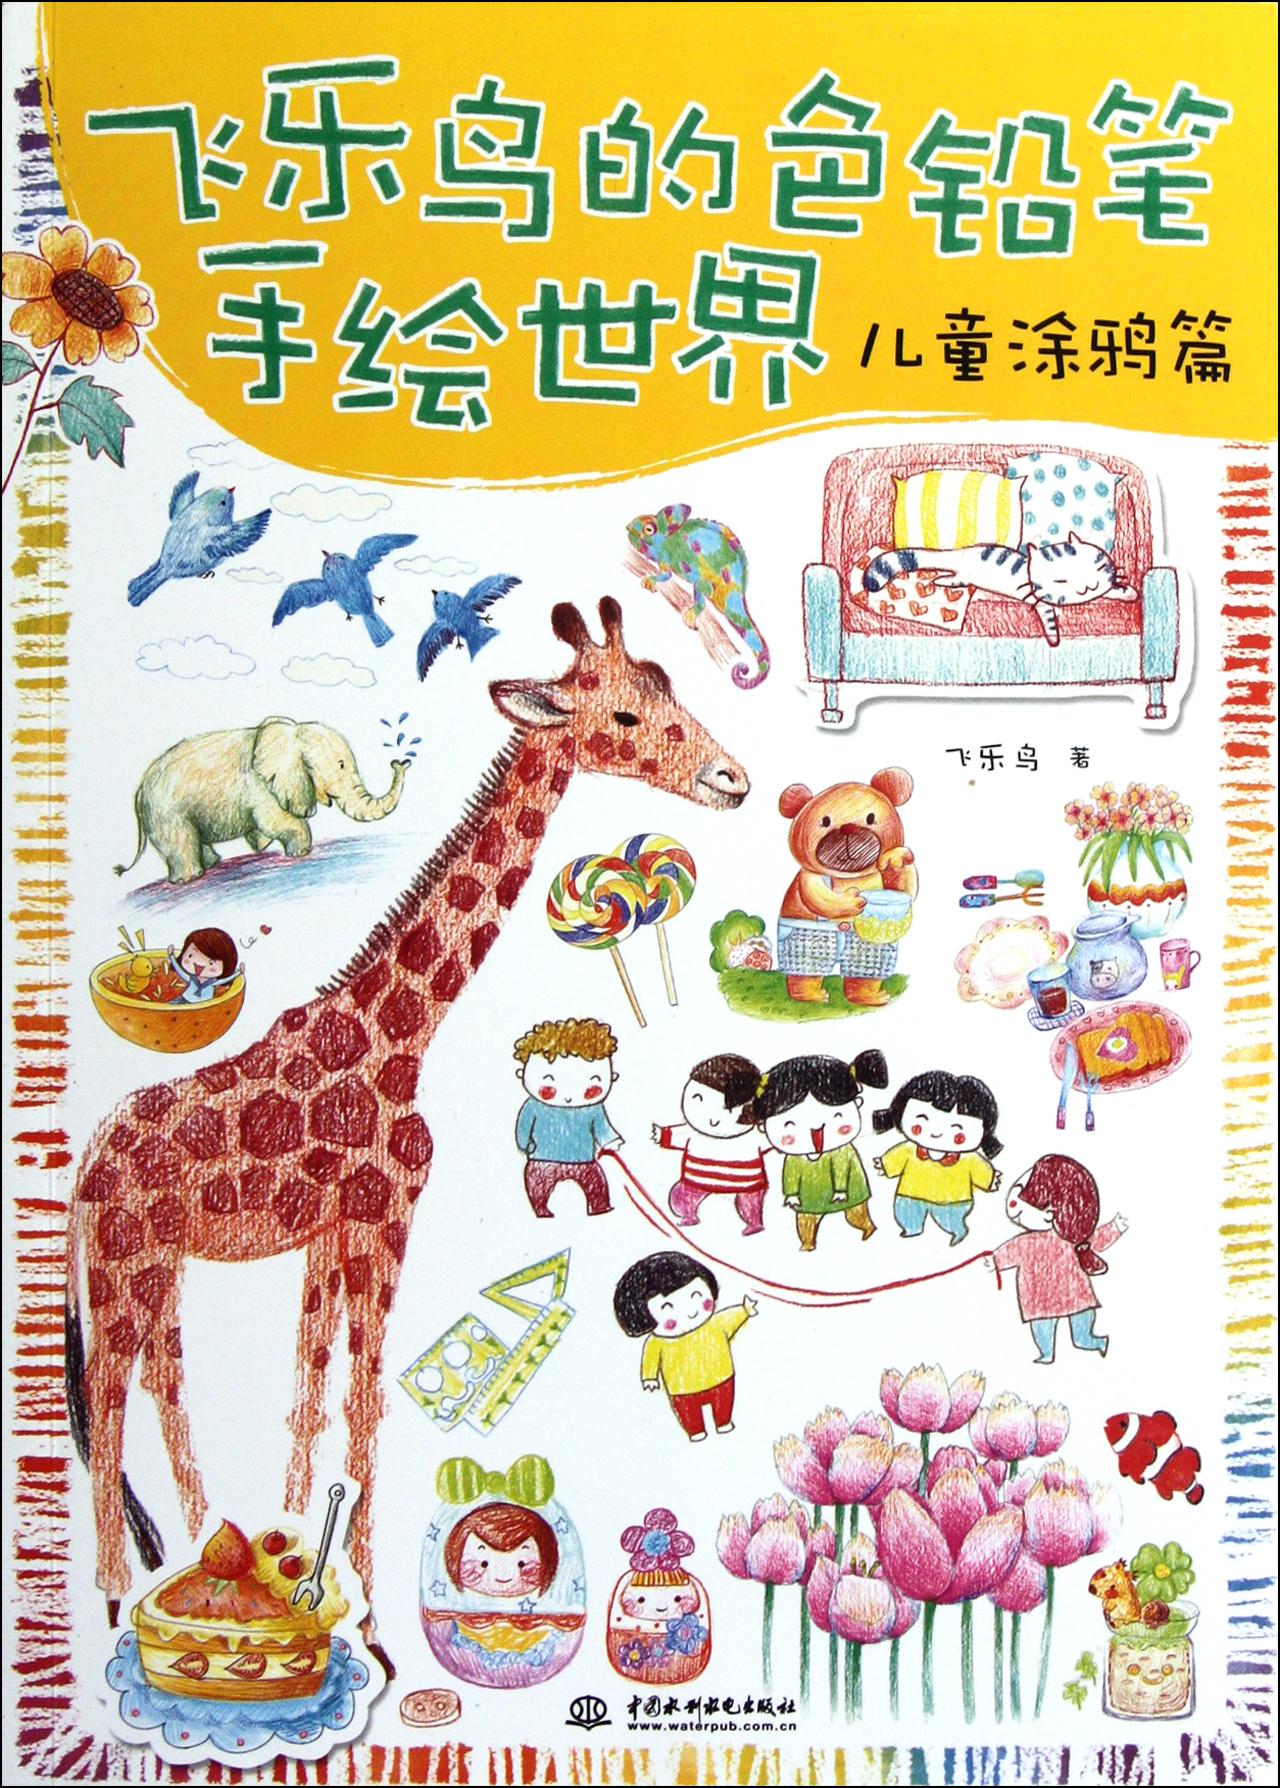 飞乐鸟的色铅笔手绘世界(儿童涂鸦篇)